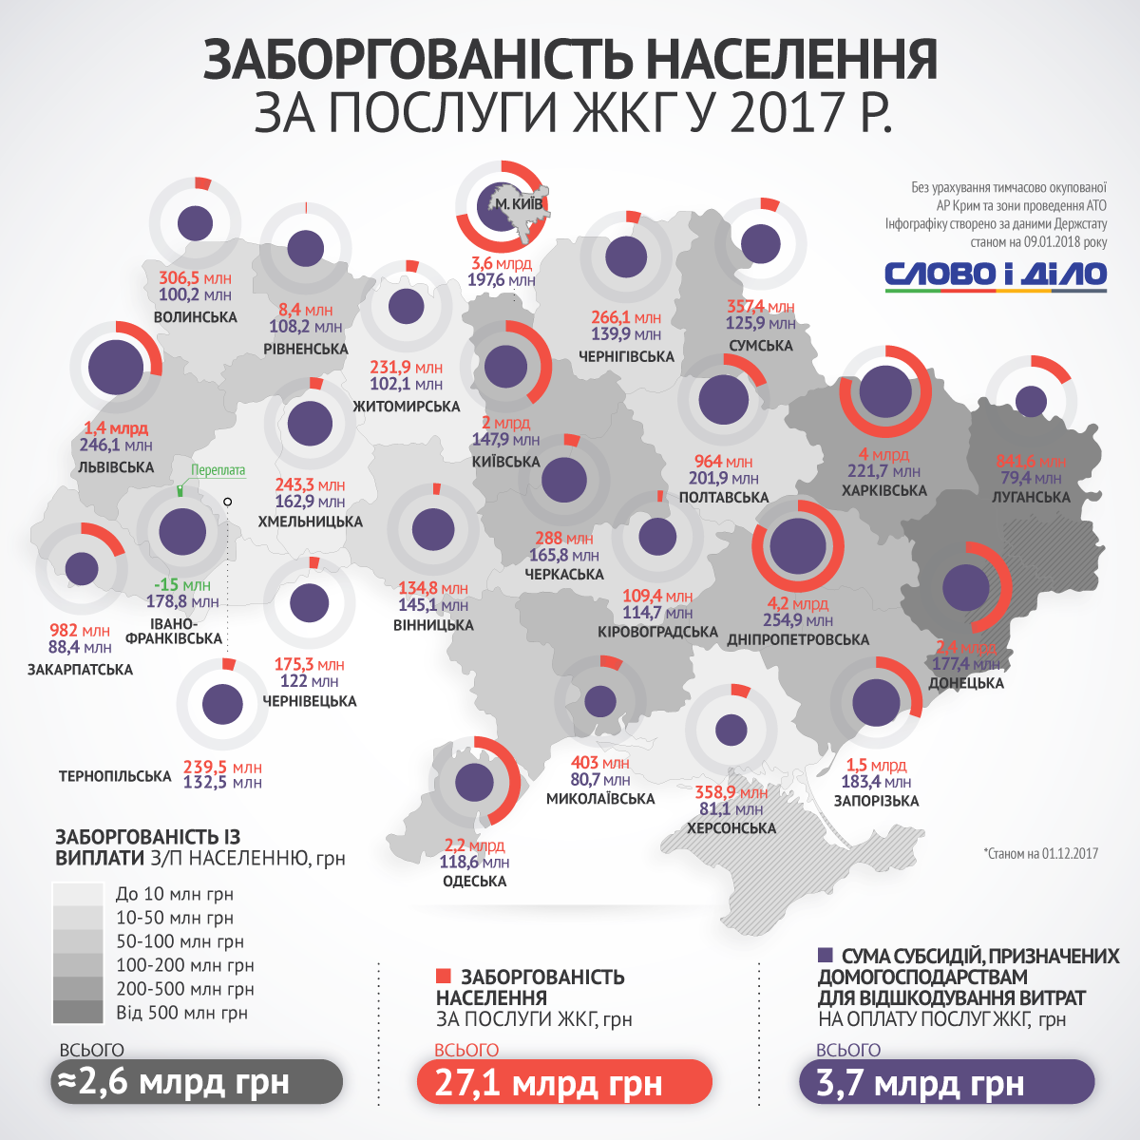 Задолженность населения за коммуналку в 2017 году